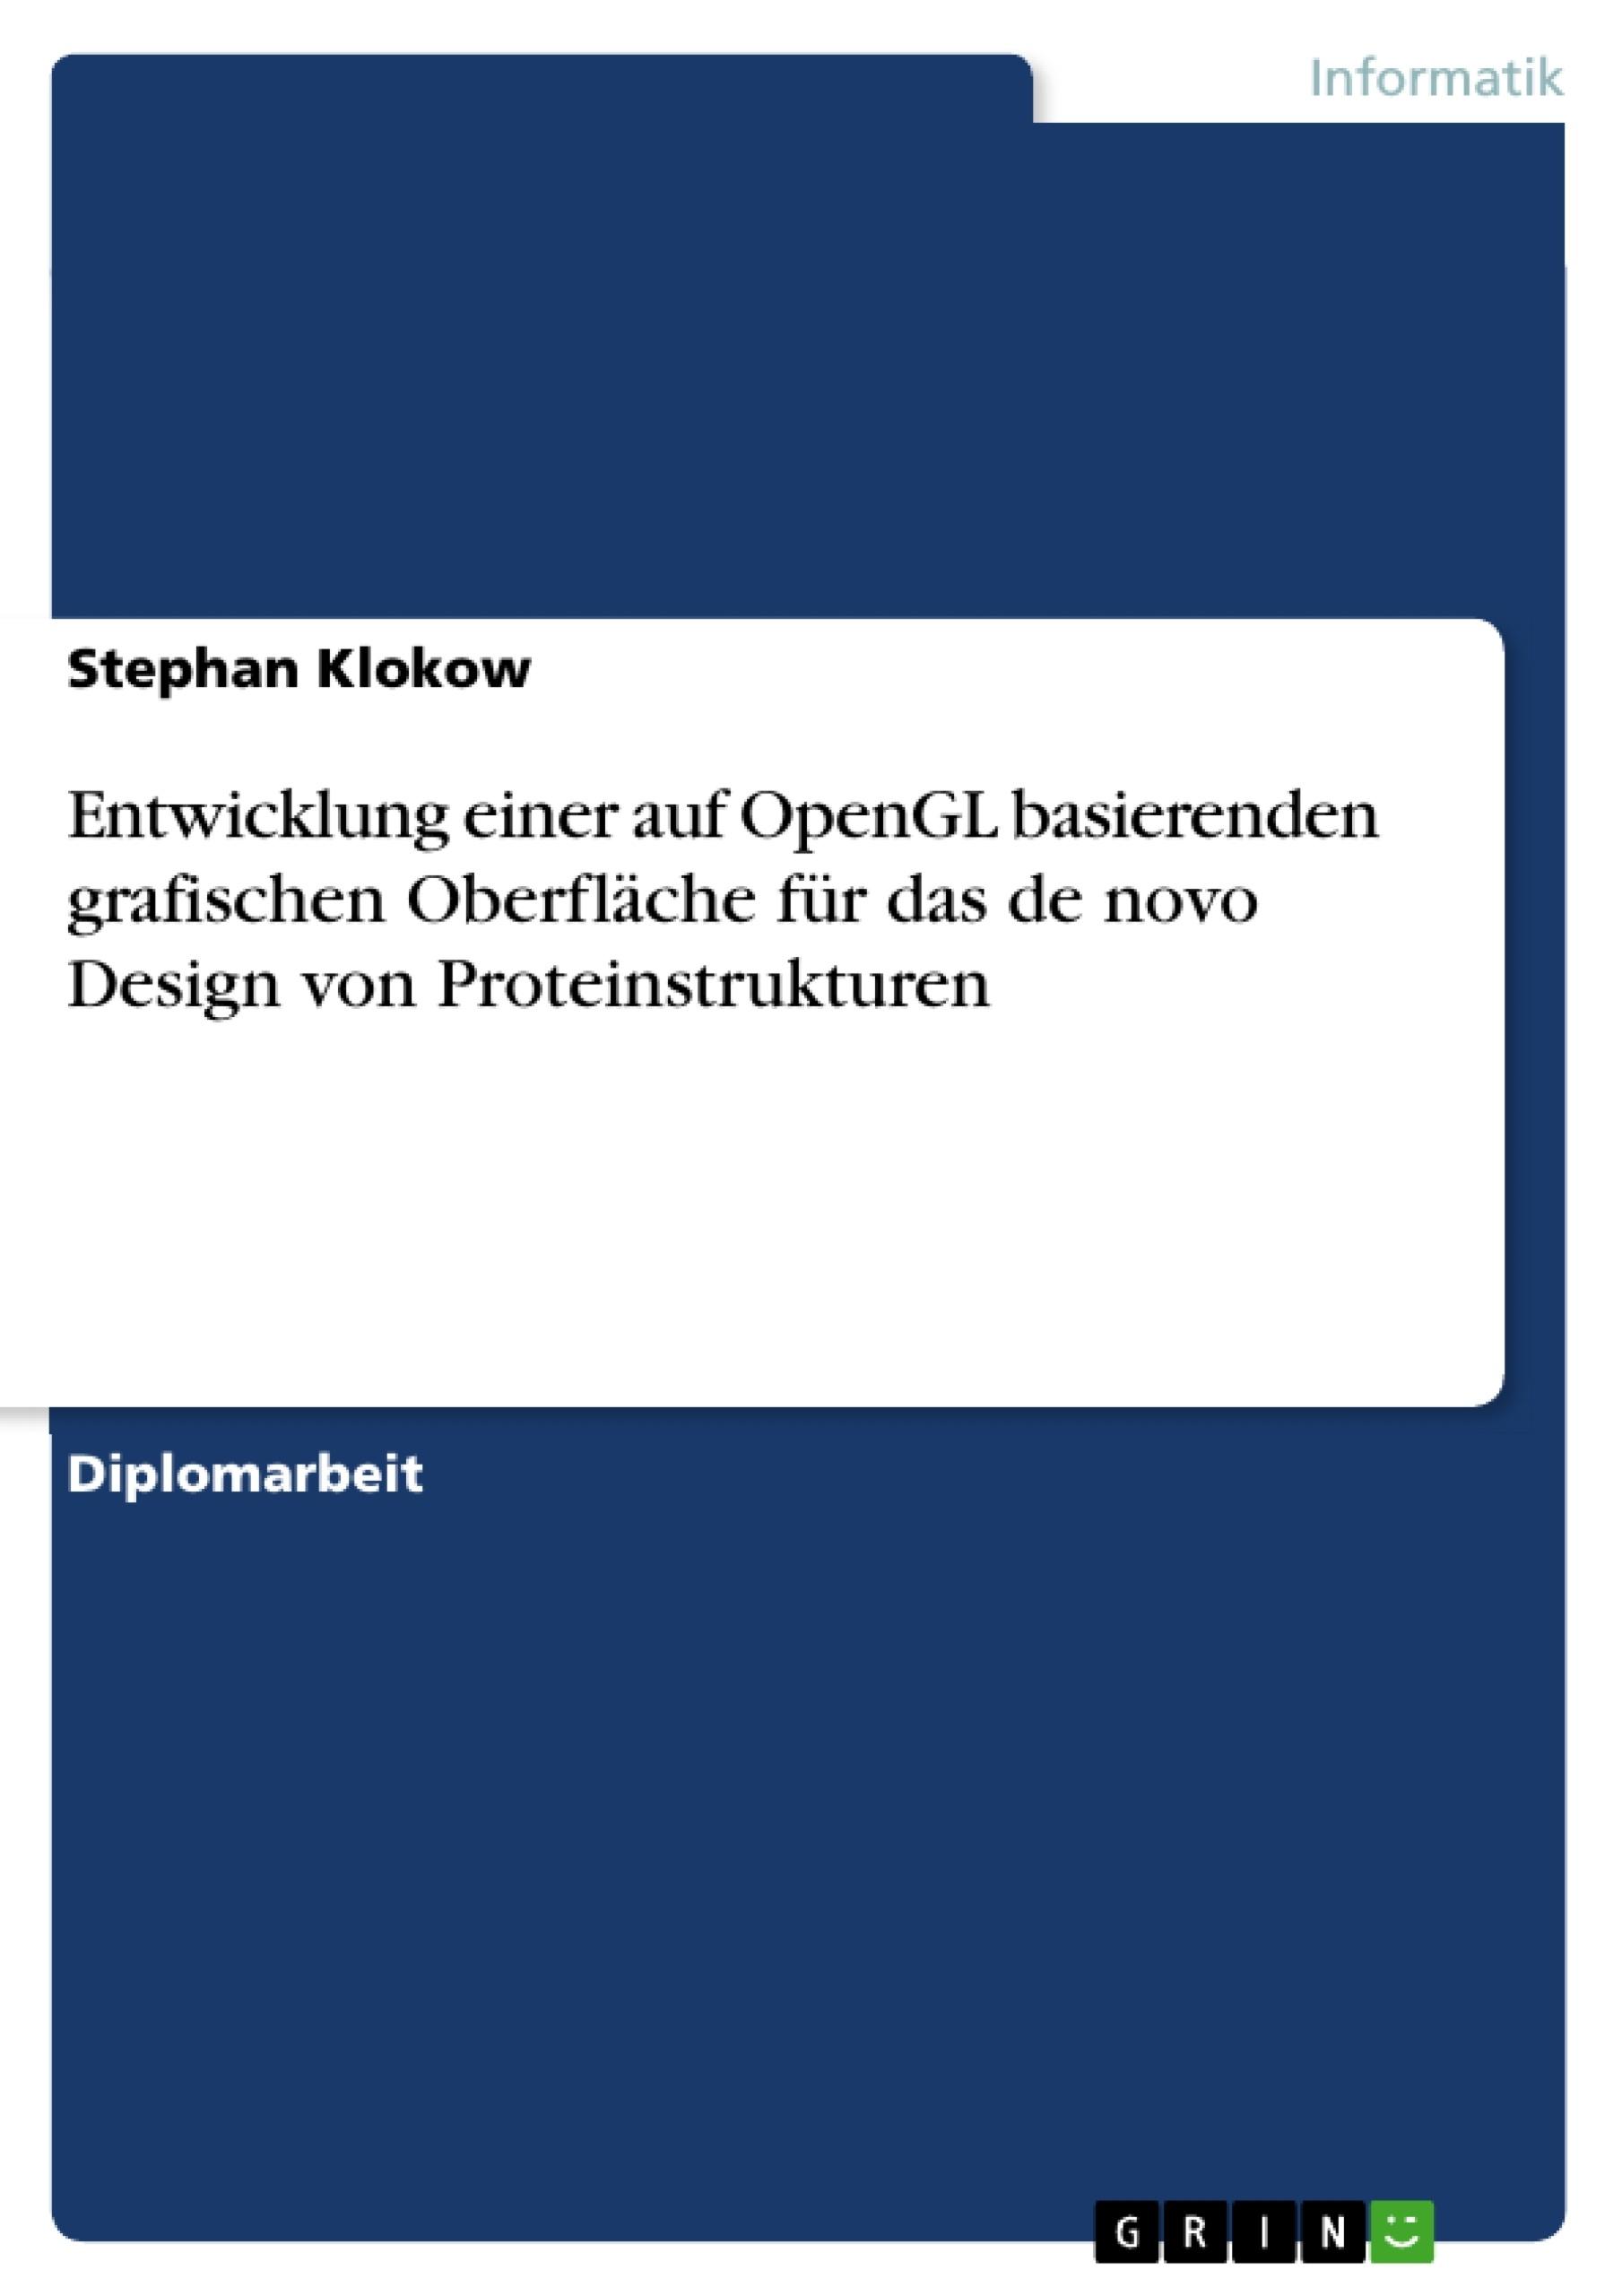 Titel: Entwicklung einer auf OpenGL basierenden grafischen Oberfläche für das de novo Design von Proteinstrukturen